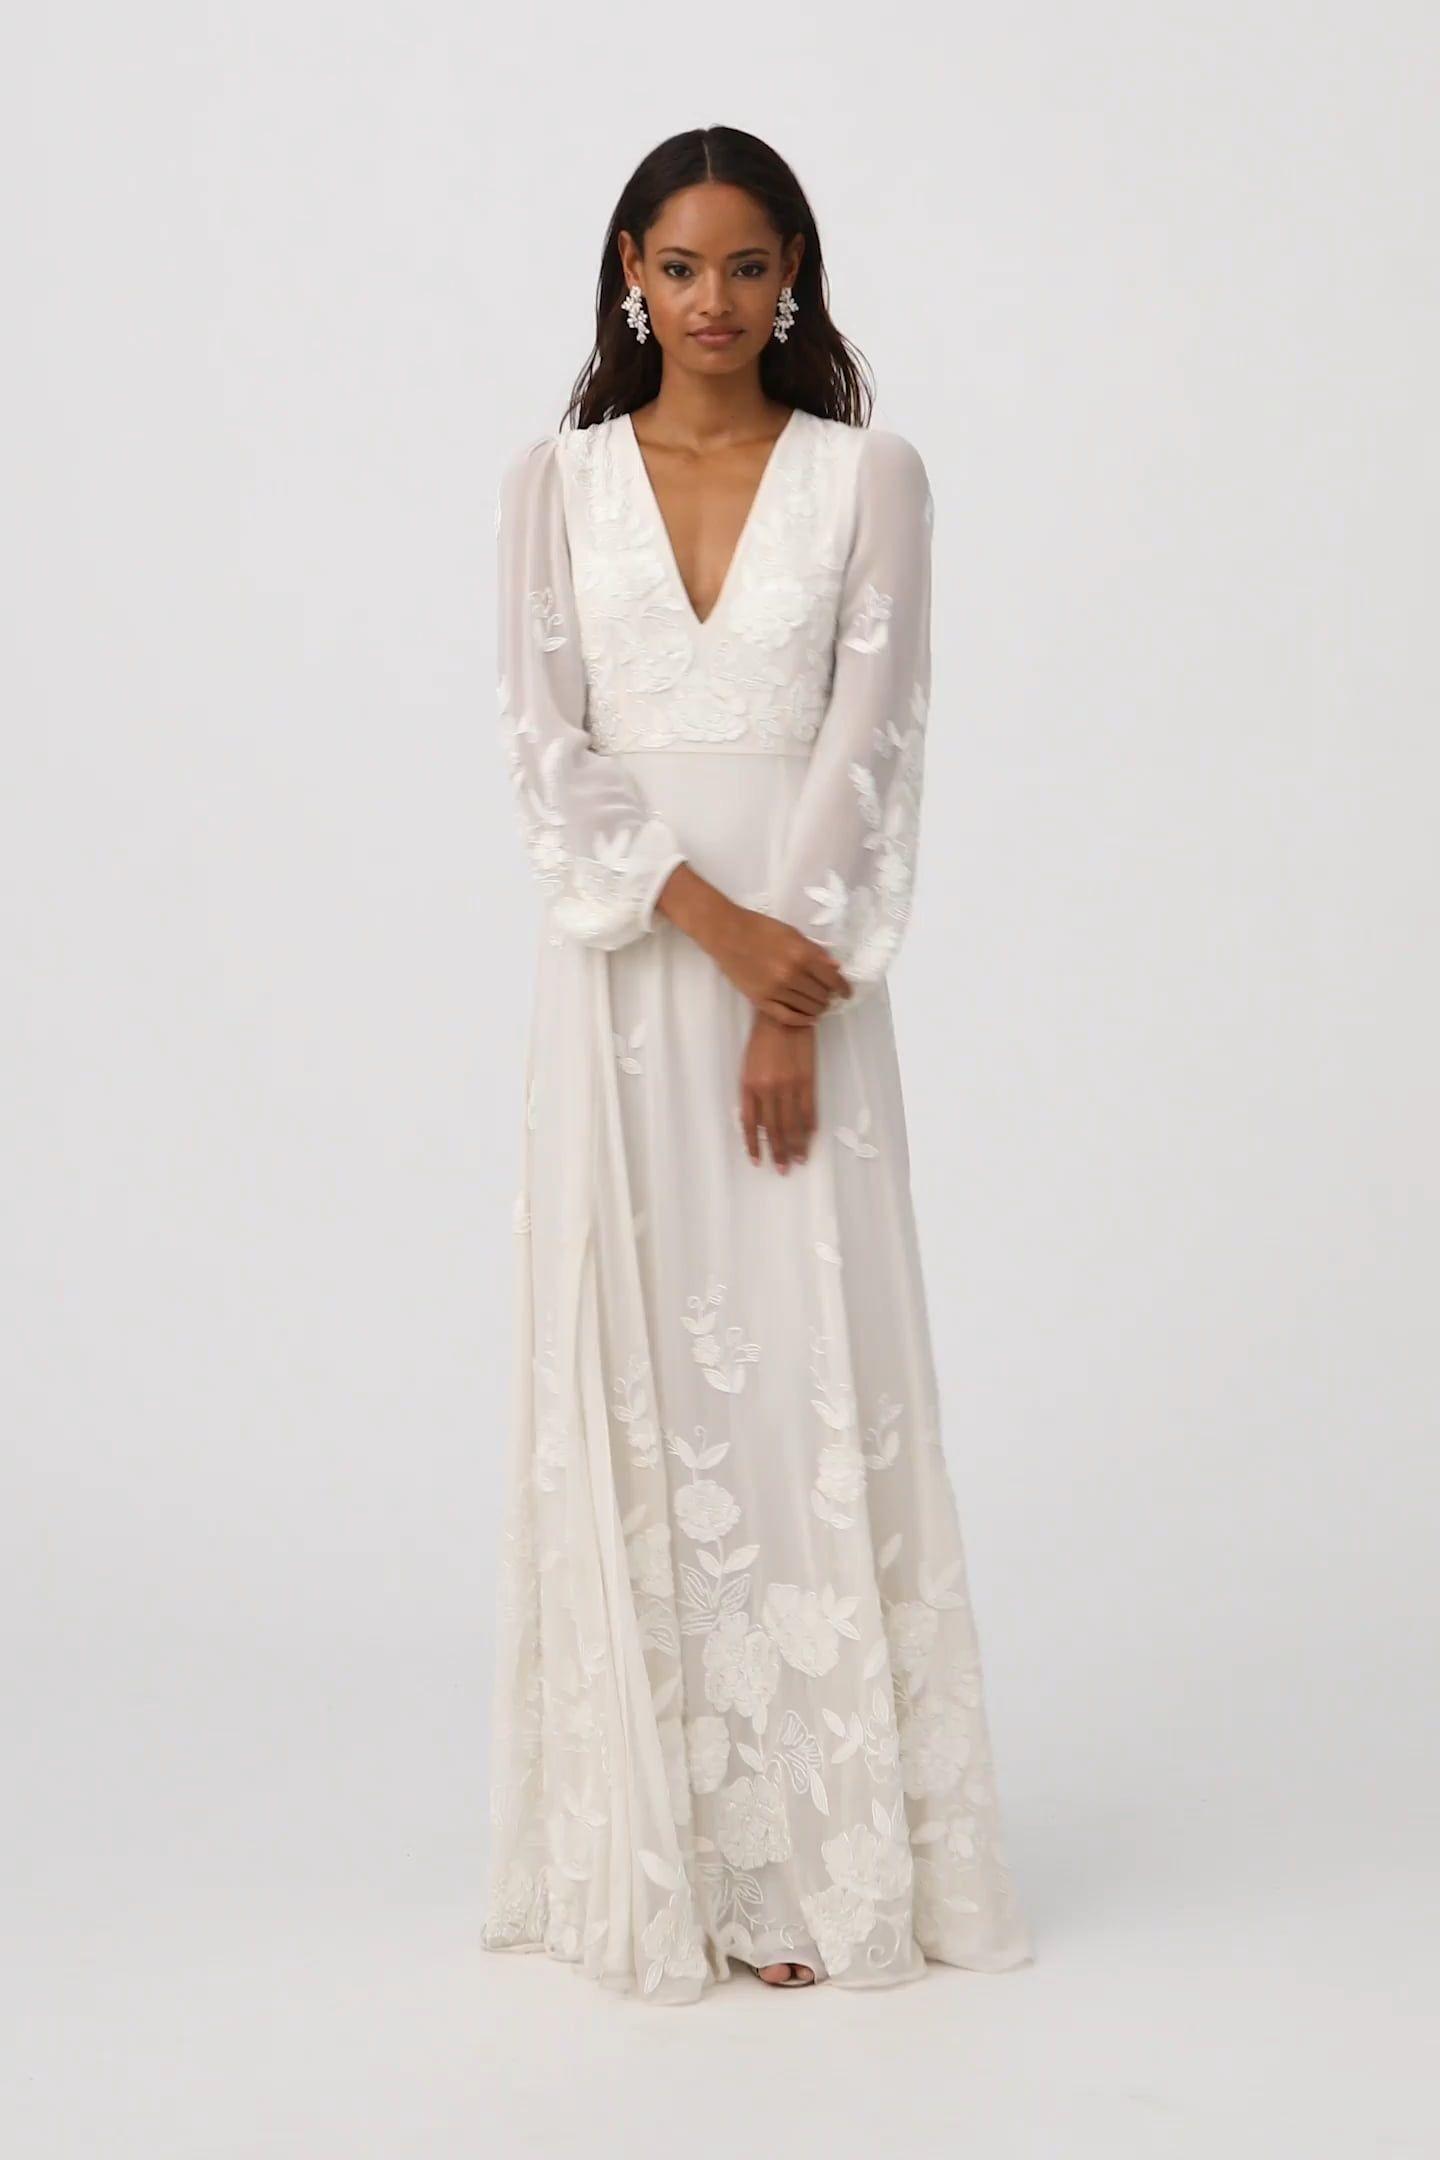 Nassau Gown  Ältere braut, Hochzeitskleid, Braut